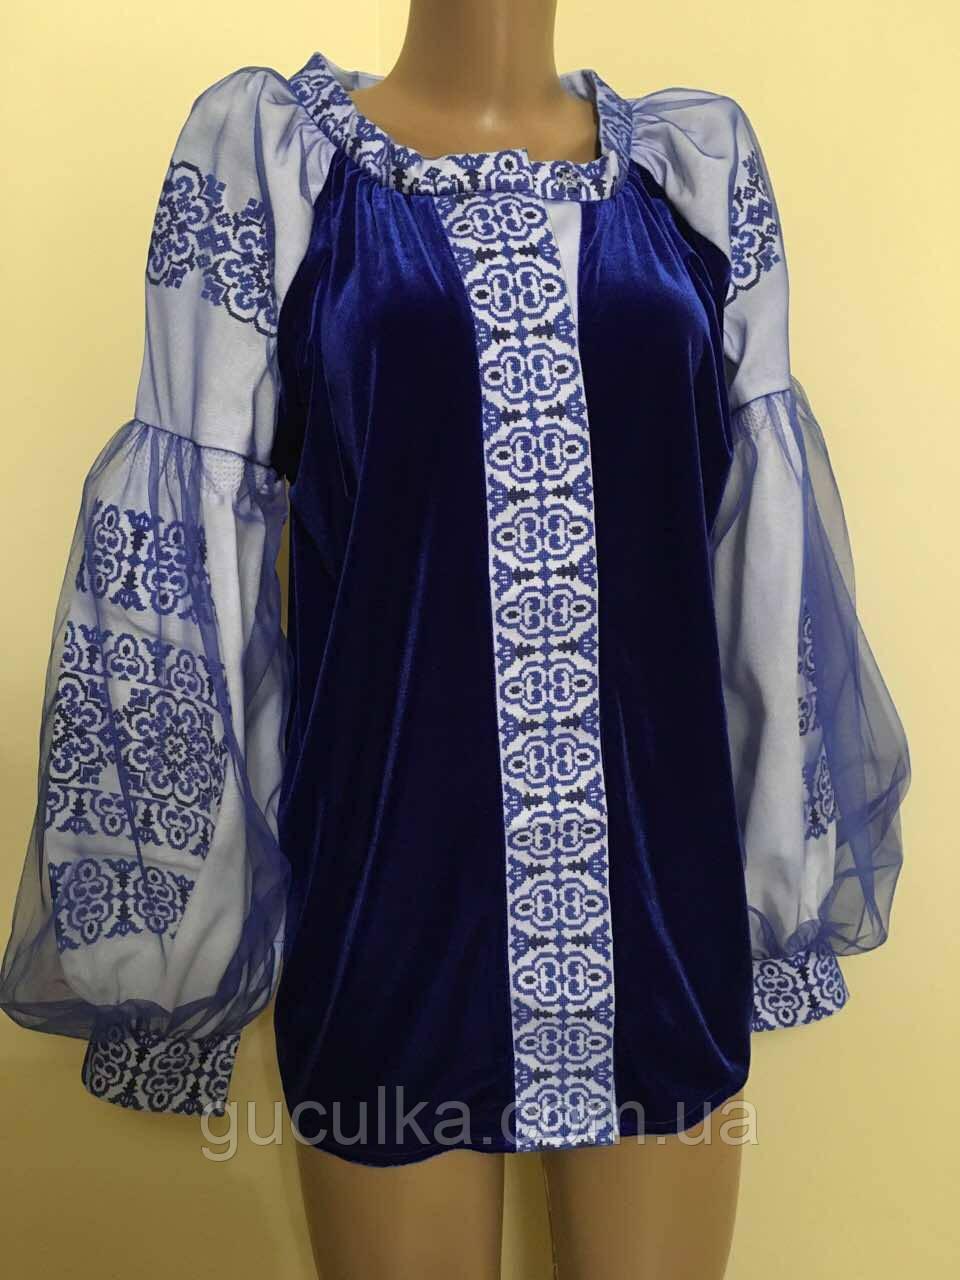 Вишиванка дизайнерська біла з синім оксамитом розмір 48-50 ХL -  Інтернет-магазин